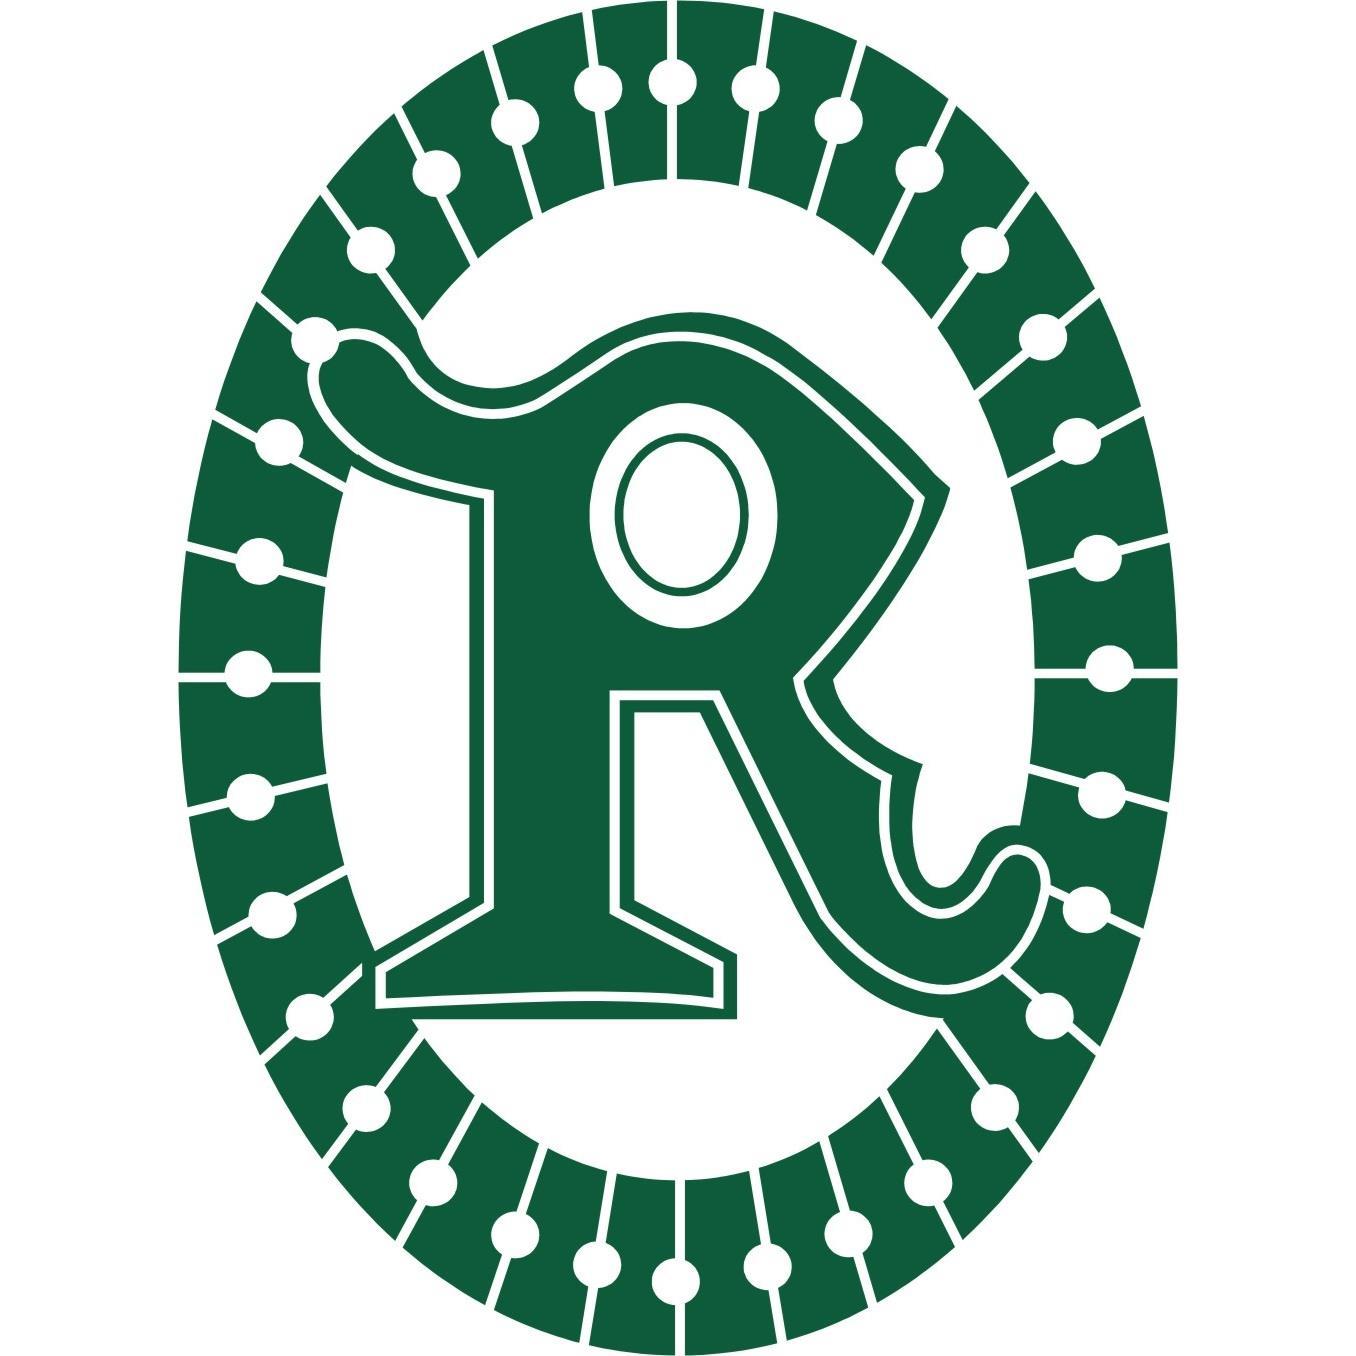 RIC: Thông báo giao dịch cổ phiếu của người có liên quan đến người nội bộ Đỗ Thu Hiền